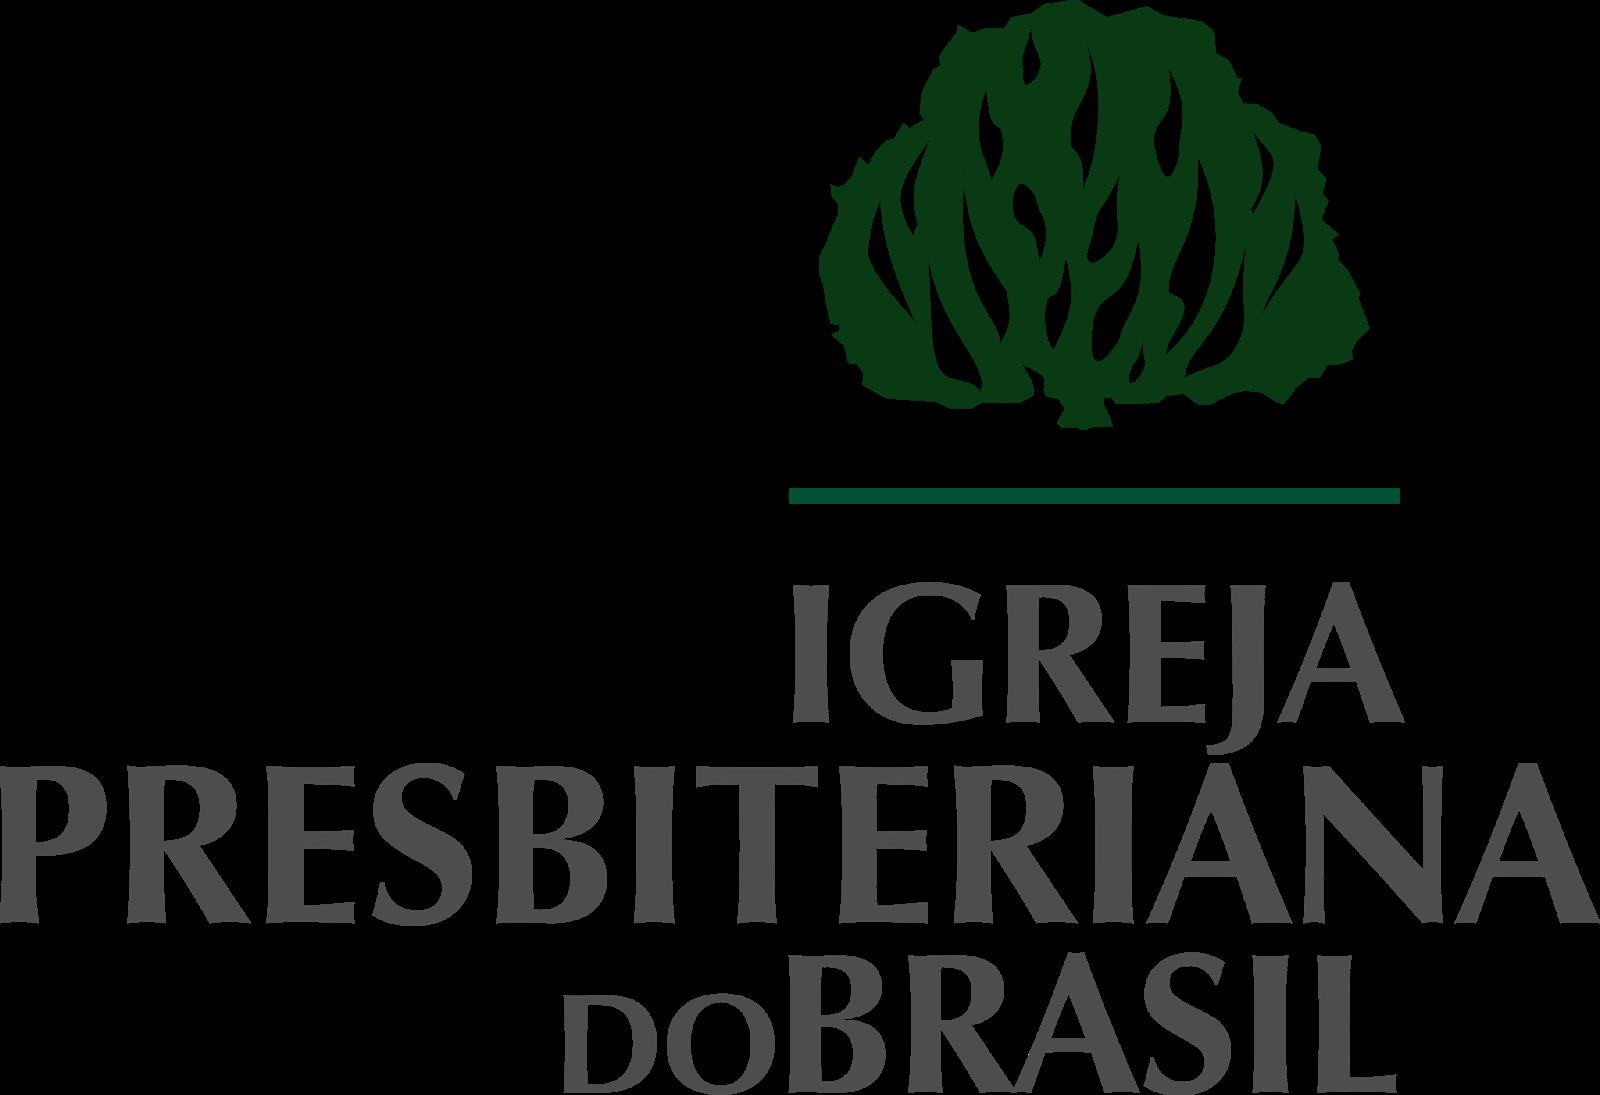 Presbiteriana do Brasil